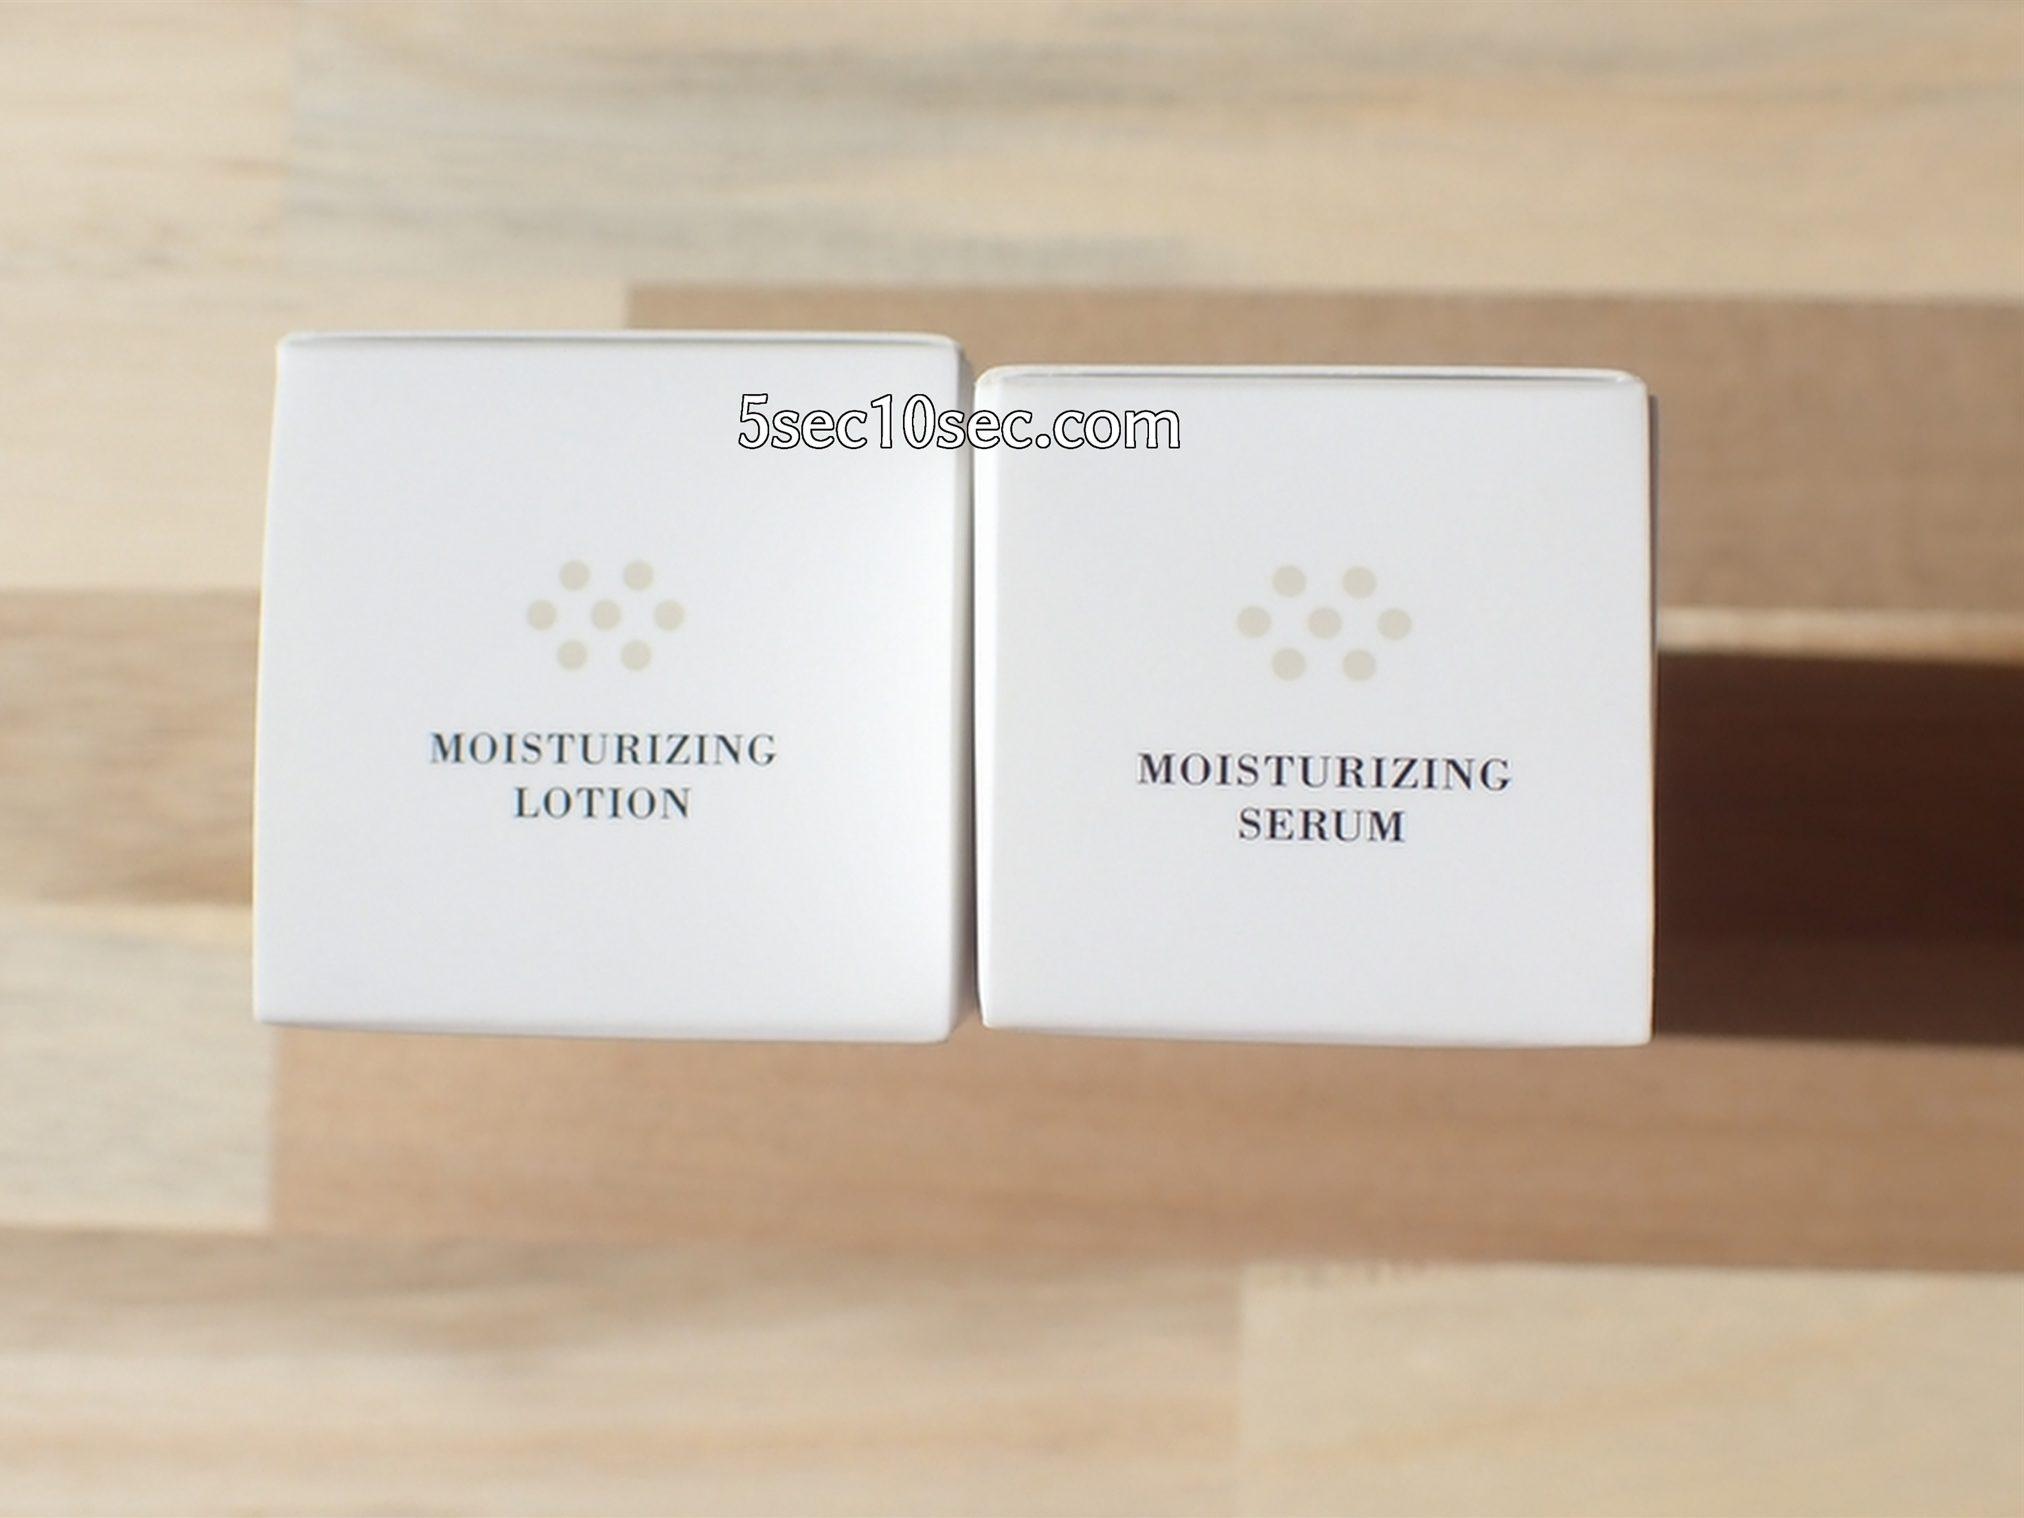 エトヴォス ETVOS モイスチャライジングローションS モイスチャライジングセラムS モイスチャーラインSサイズセット 一ヶ月分の2点セットで3190円(税込)のお得なセットです